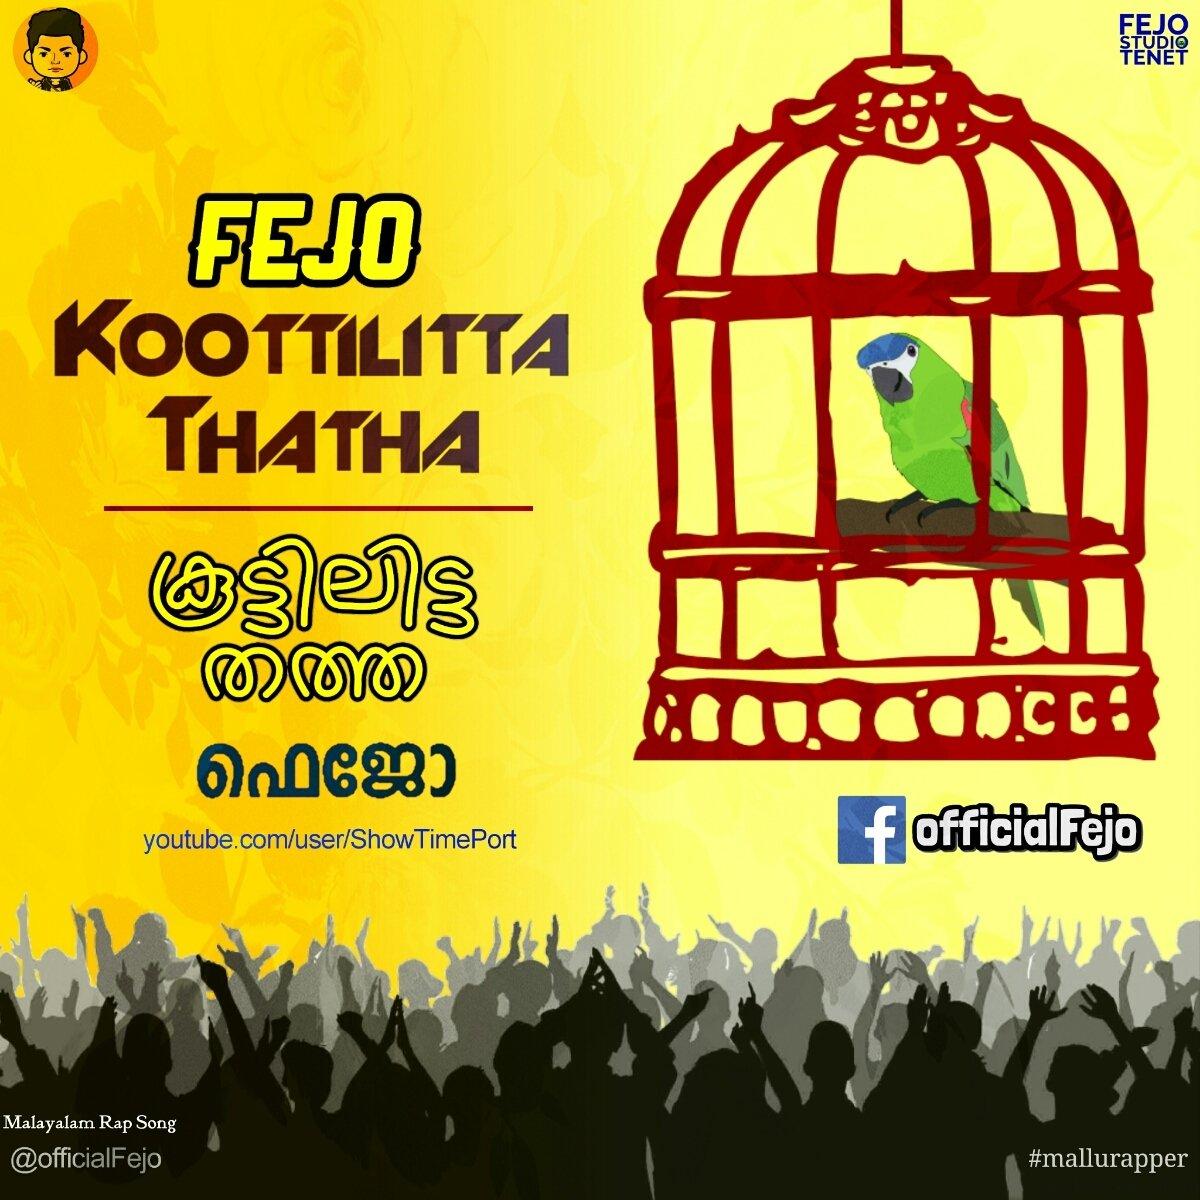 Fejo - Social Media Pennu ft Fetty Wap (Malayalam Rap) Trap Queen